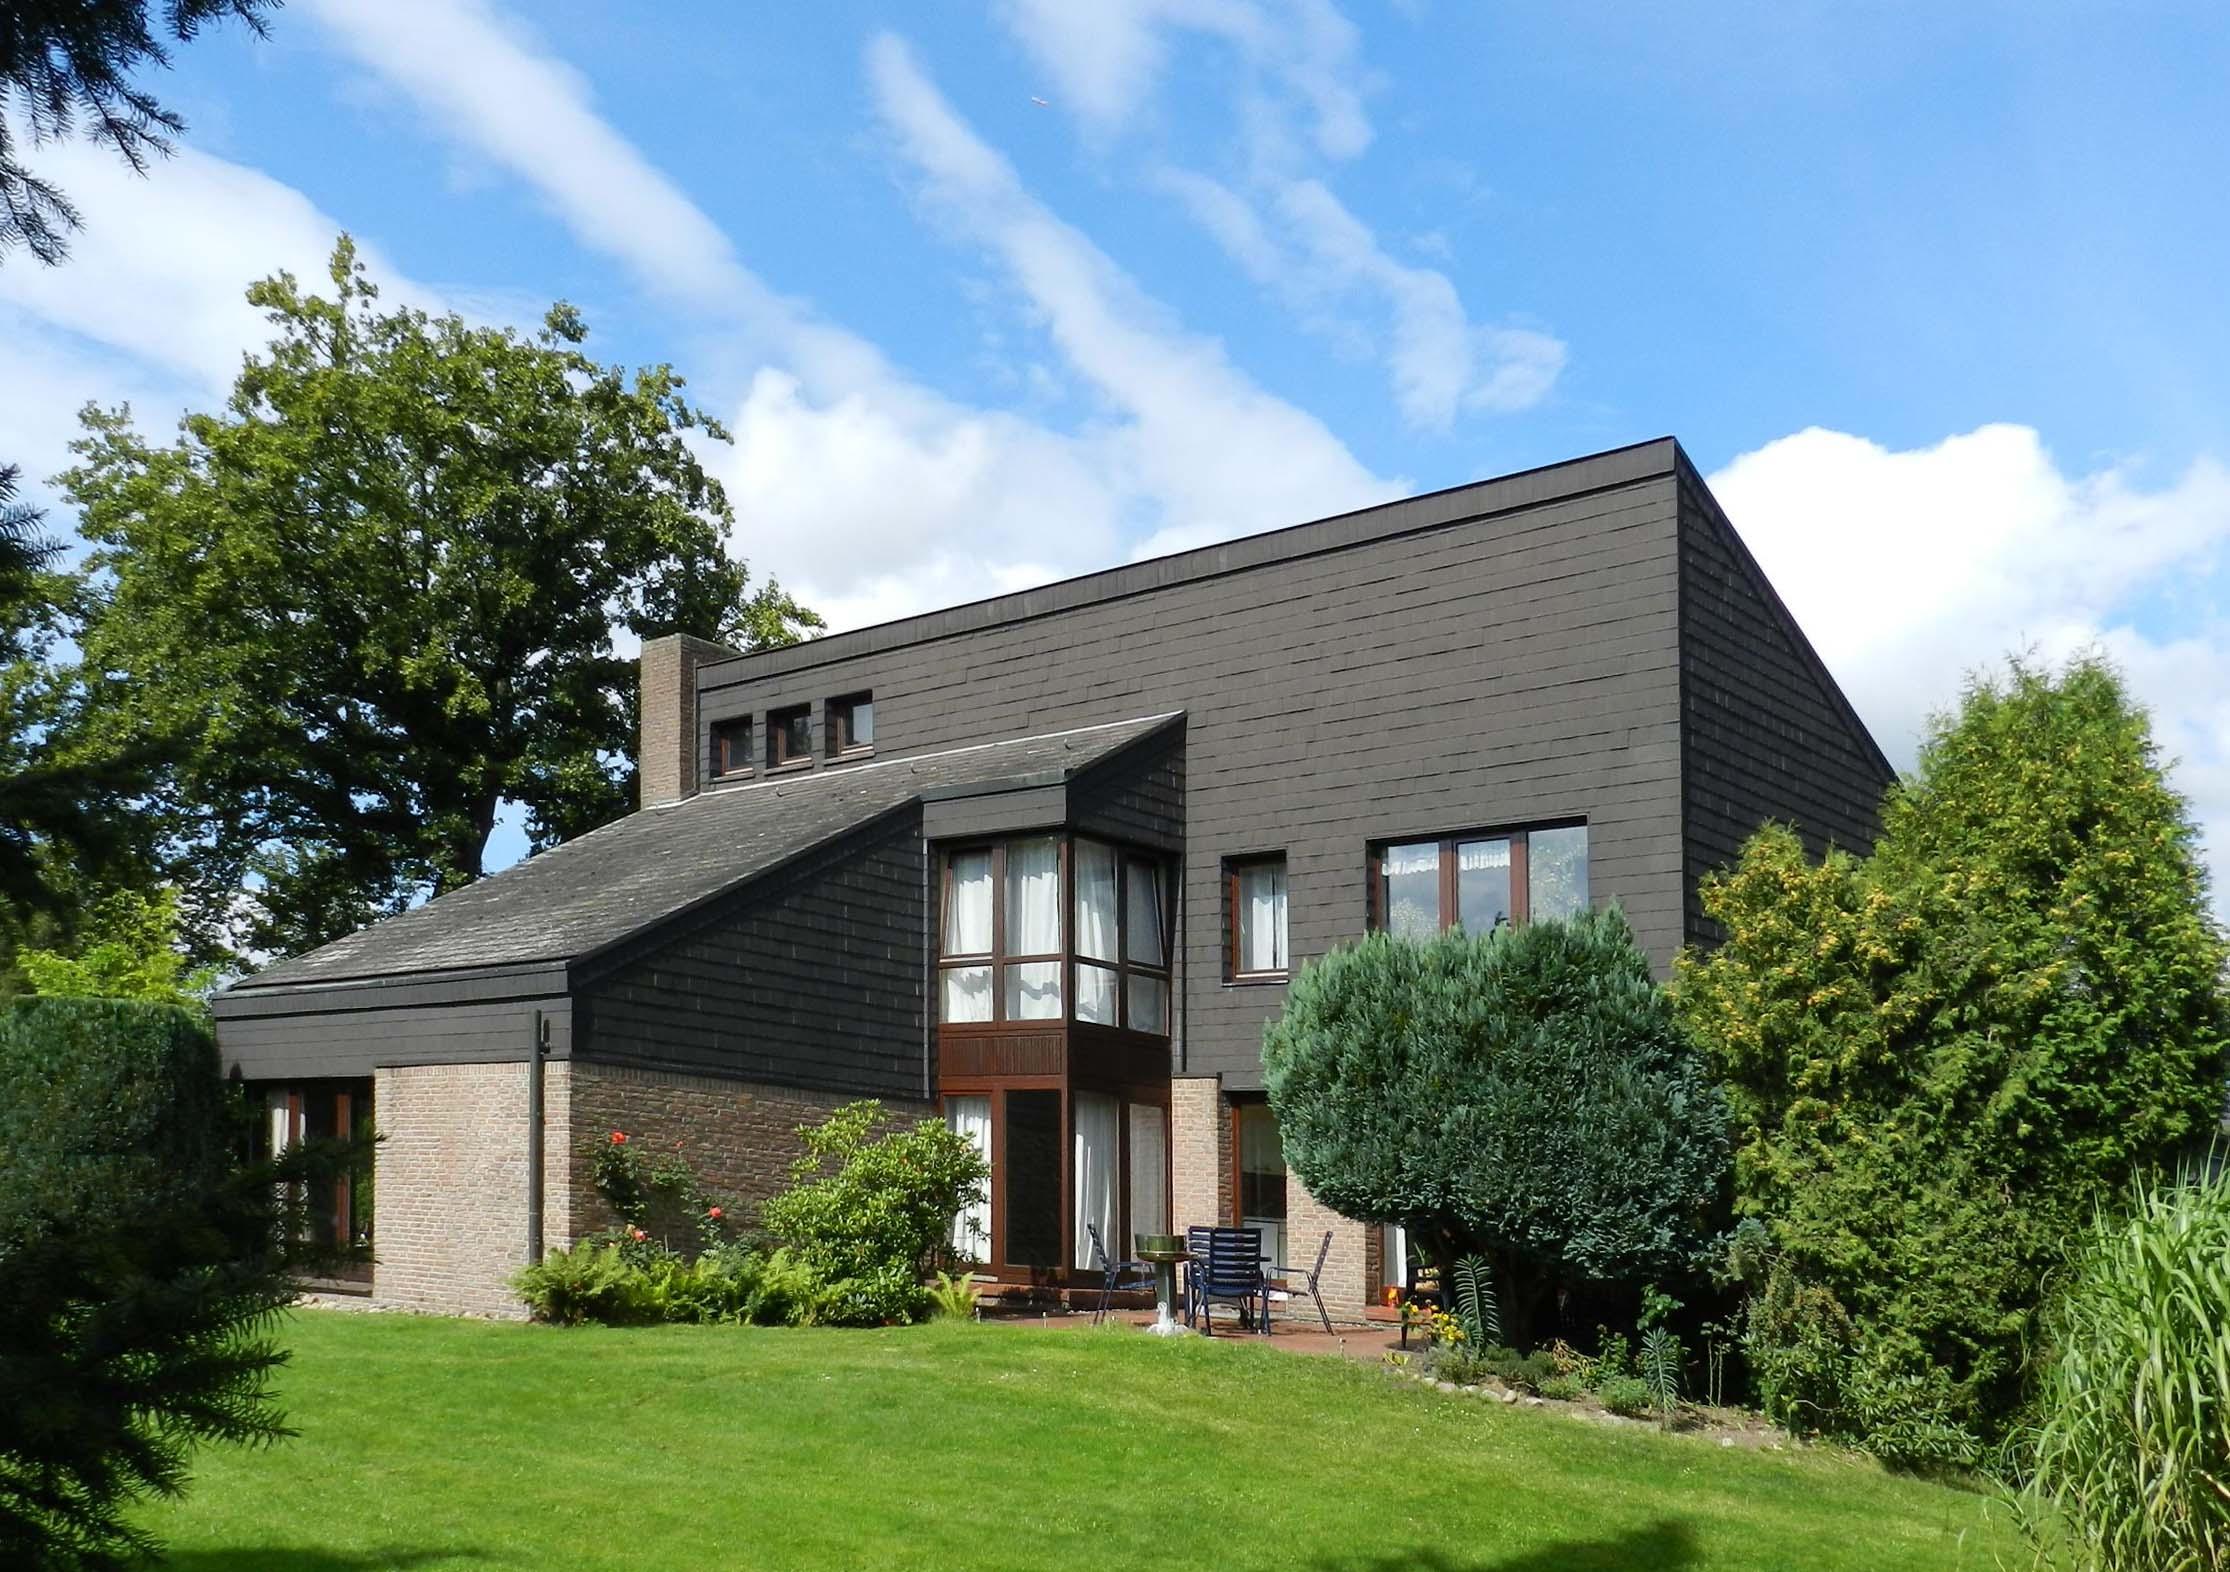 Ellerbek: Architektenhaus mit Parkgrundstück an Hamburger Landesgrenze